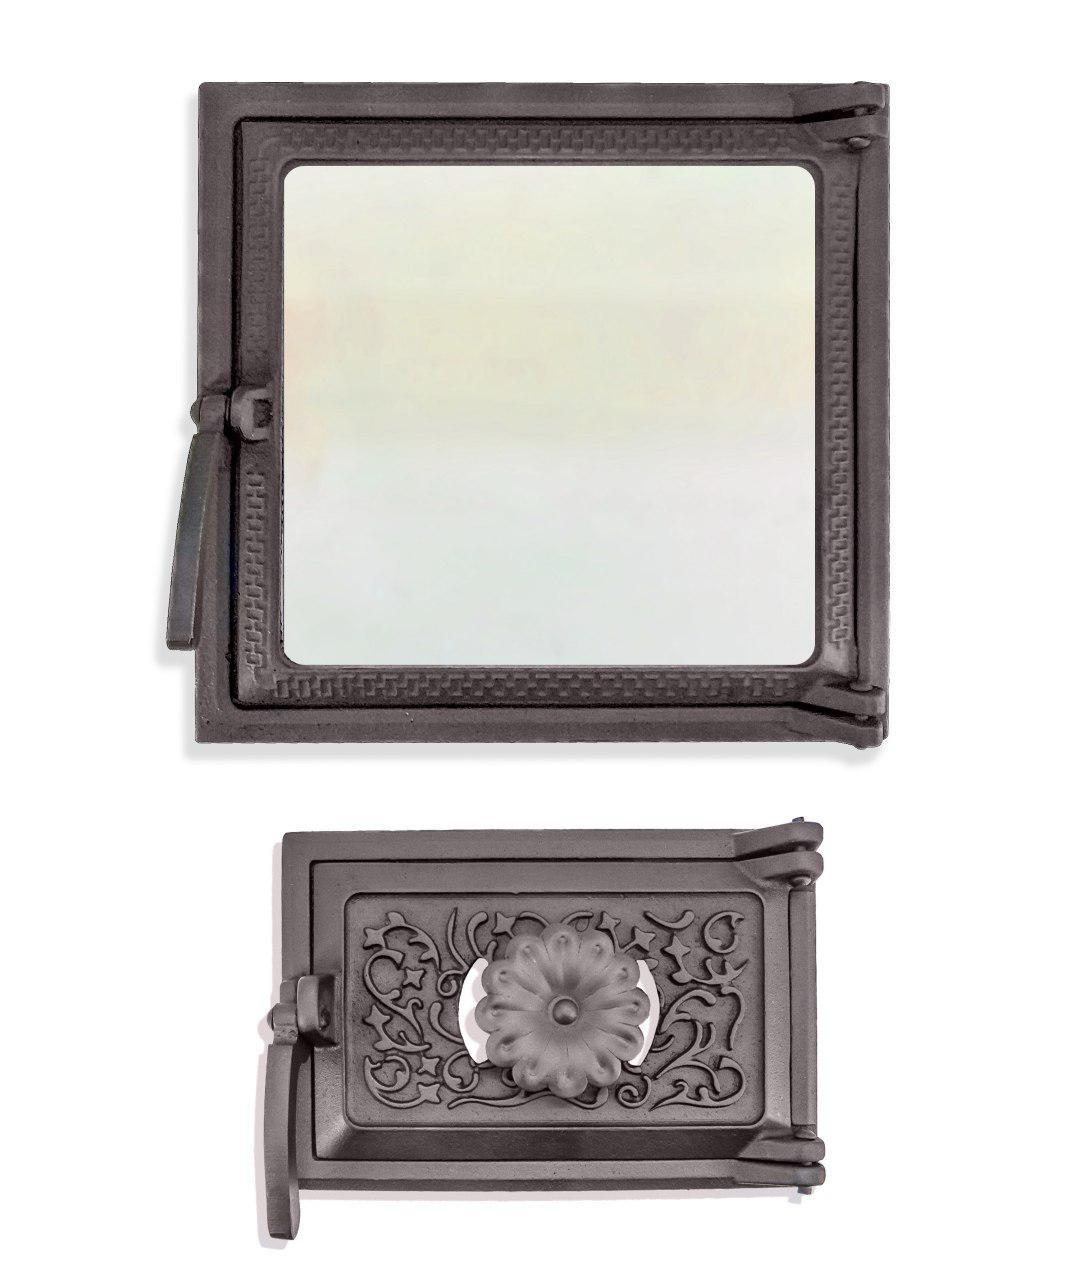 Дверцы для печи со стеклом 270х290 мм, дверка печная чугунная 102868К с регулировкой подачи воздуха